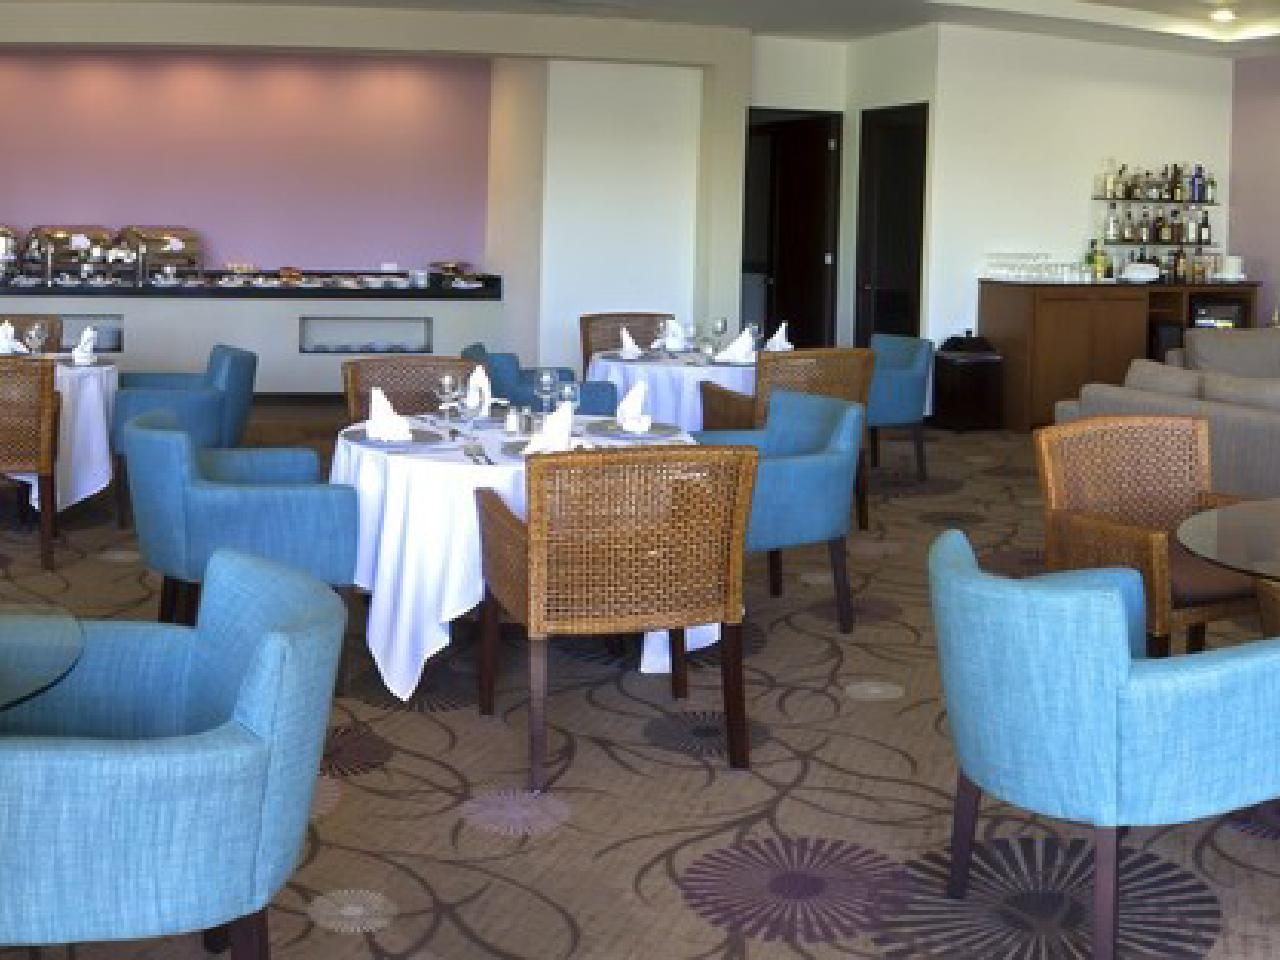 Bodas en la playa - restaurante hotel